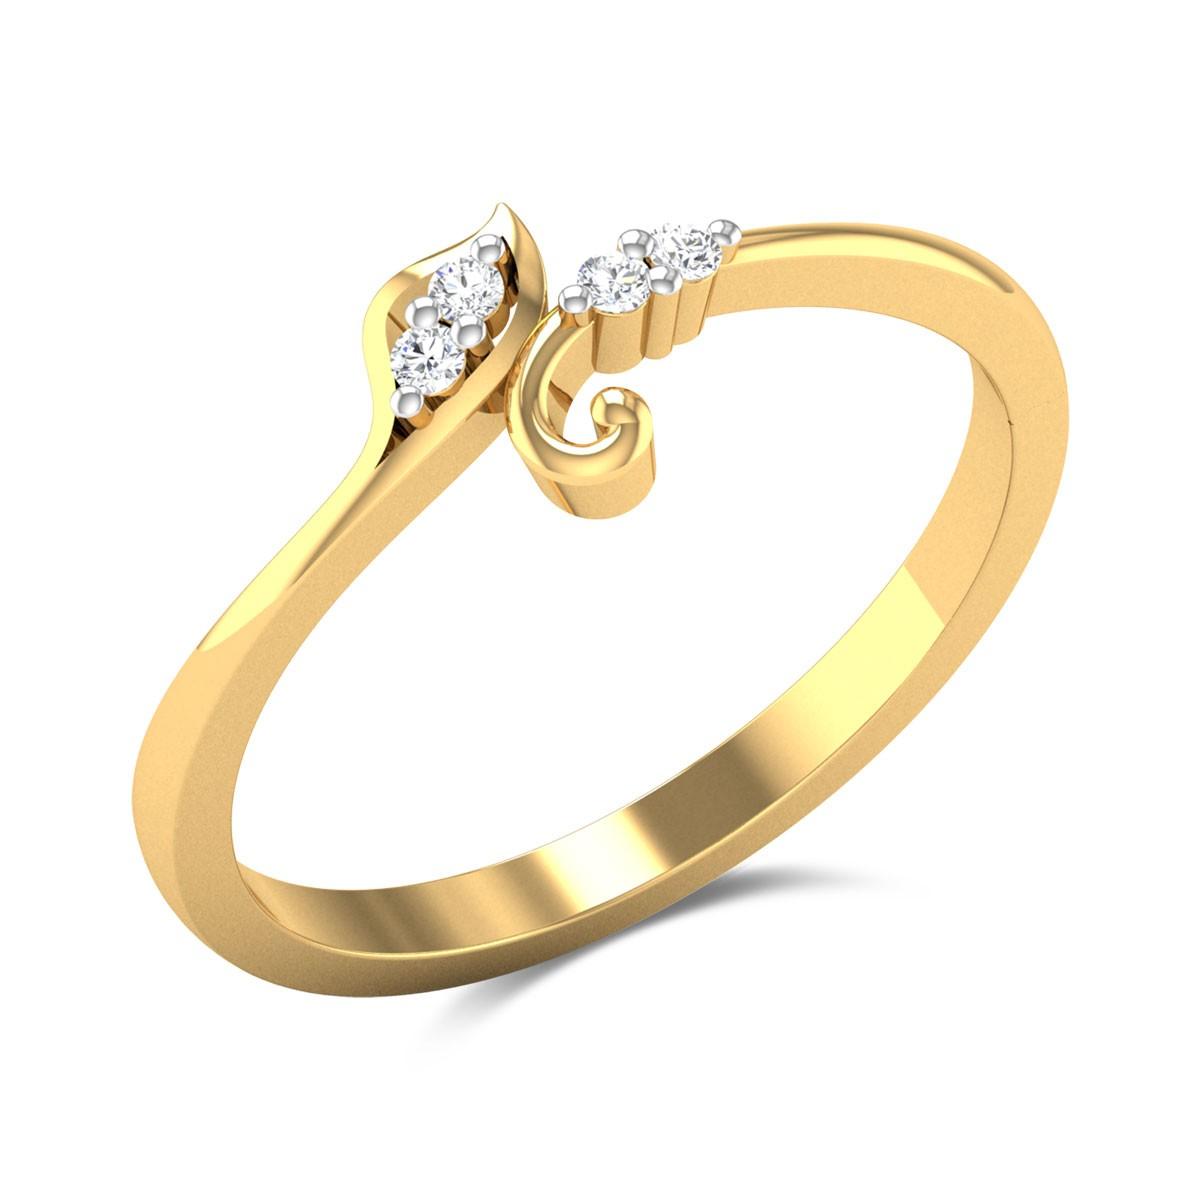 Kaegan Diamond Ring